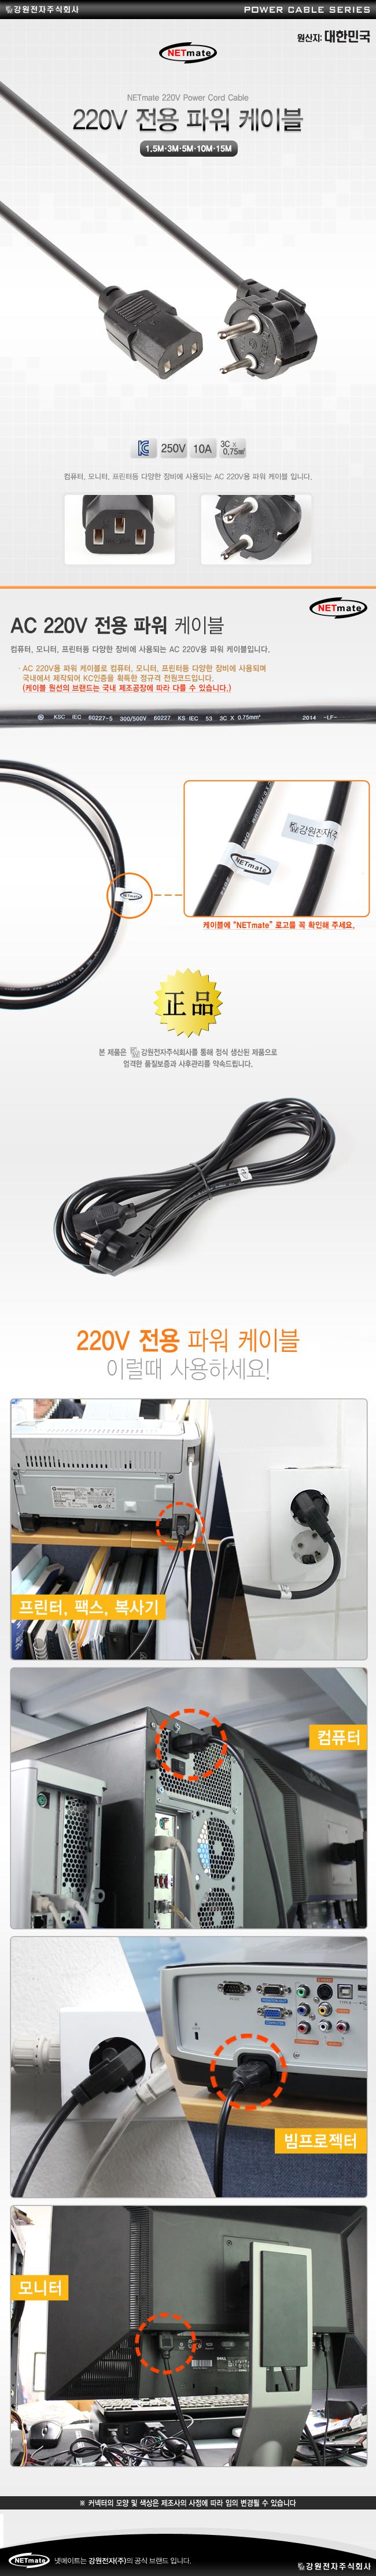 강원전자 NETmate 220V 전용 파워 케이블 - 20개 세트(15m)